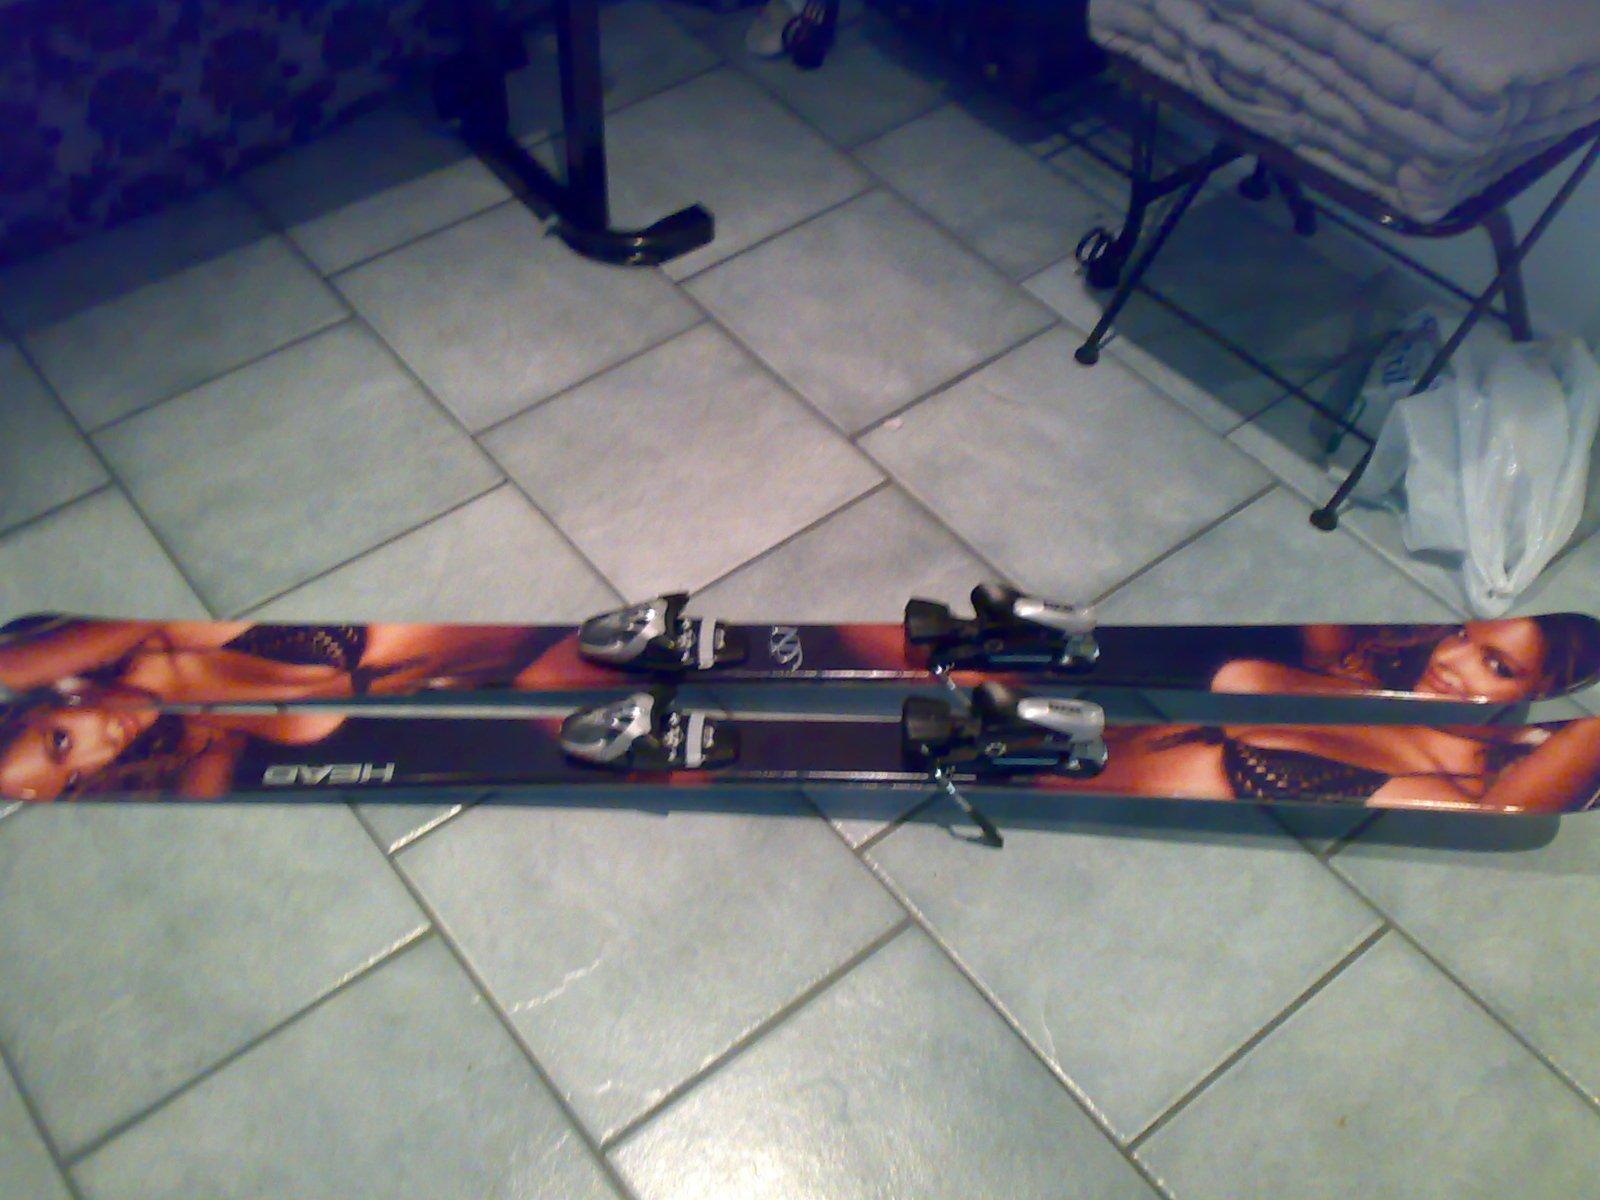 My cool Head Mojo 11 skis!